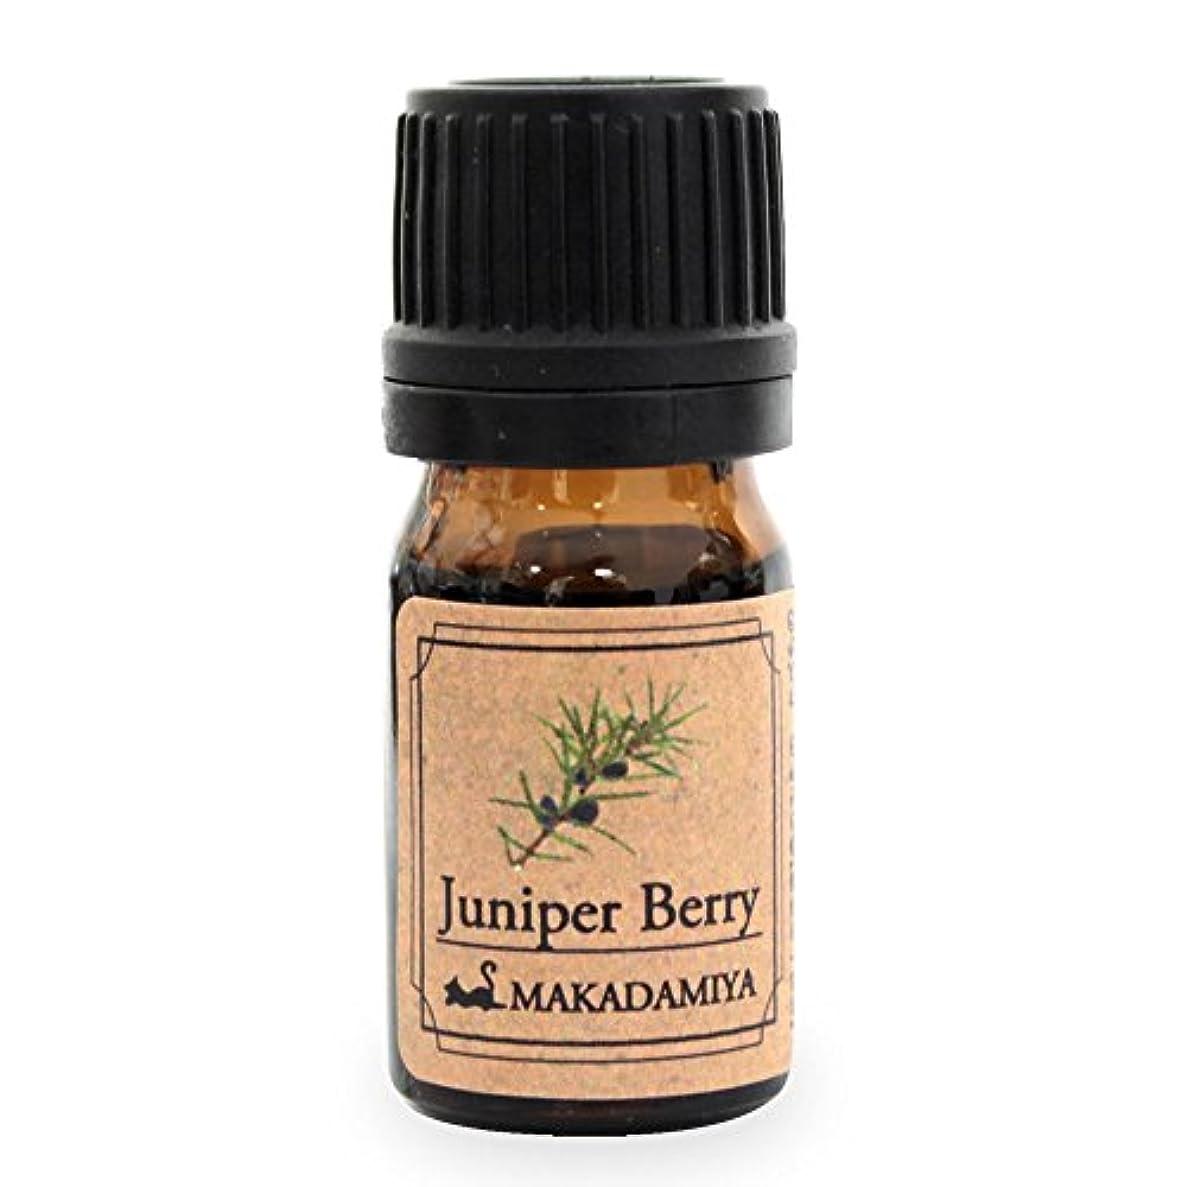 逆説得力のある矛盾ジュニパーベリー5ml 天然100%植物性 エッセンシャルオイル(精油) アロマオイル アロママッサージ aroma Junipe Berry